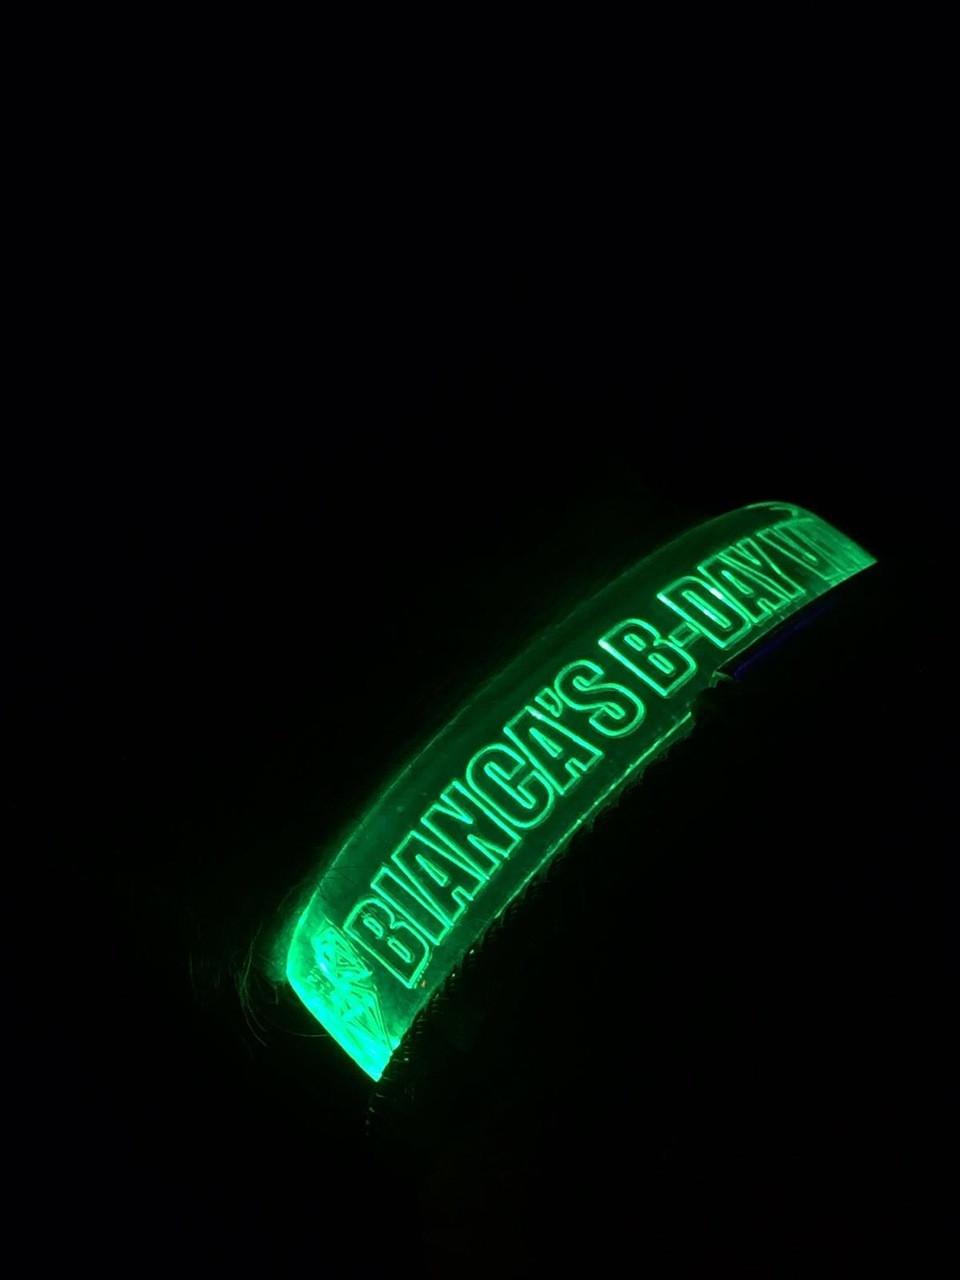 Custom,Engraved,Branded,Personalized, Bulk, LED, Wristband, LED wristband, Bracelet, Glow,Neon, UV, LED Bands, wrist band,wristband, illuminated, light up, wholesale, School, wedding, nightclub, promo, merch,